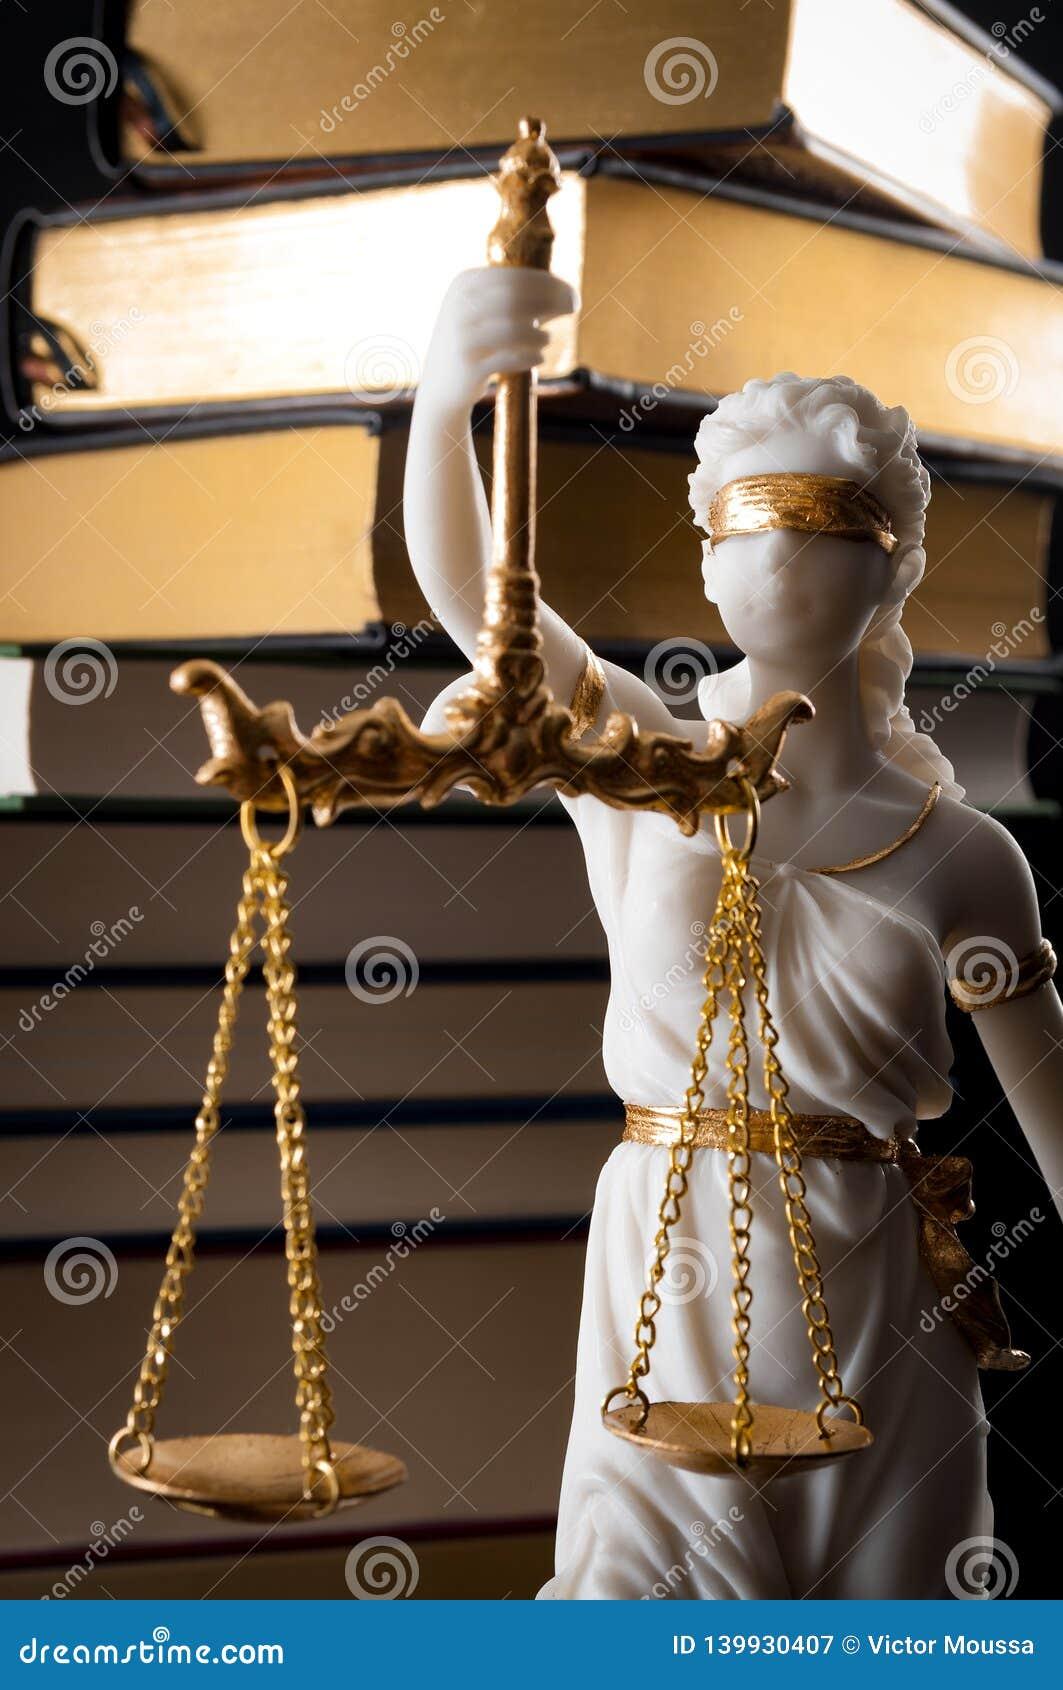 Ο νομικός κώδικας, η επιβολή του νόμου και η τυφλή έννοια Iustitia με το άγαλμα το ανάχωμα γυναικείας δικαιοσύνης στα ελληνικά κα